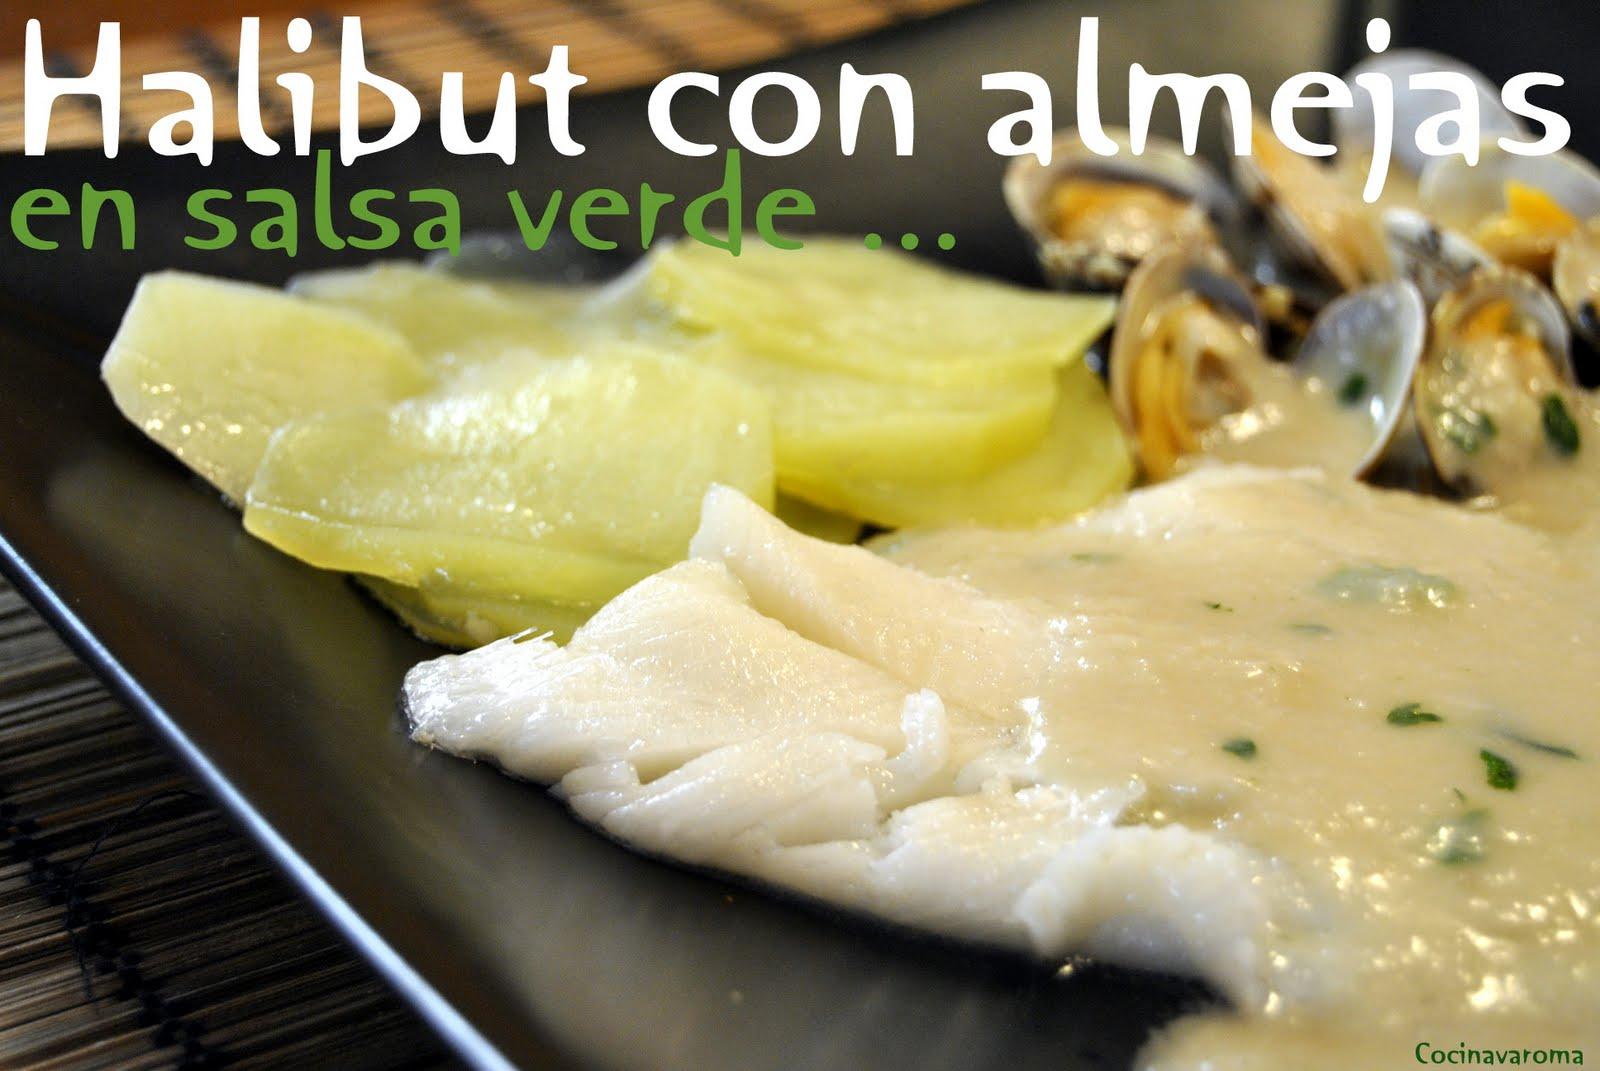 Cocina varoma halibut con almejas y patatas en salsa verde - Almejas con salsa verde ...